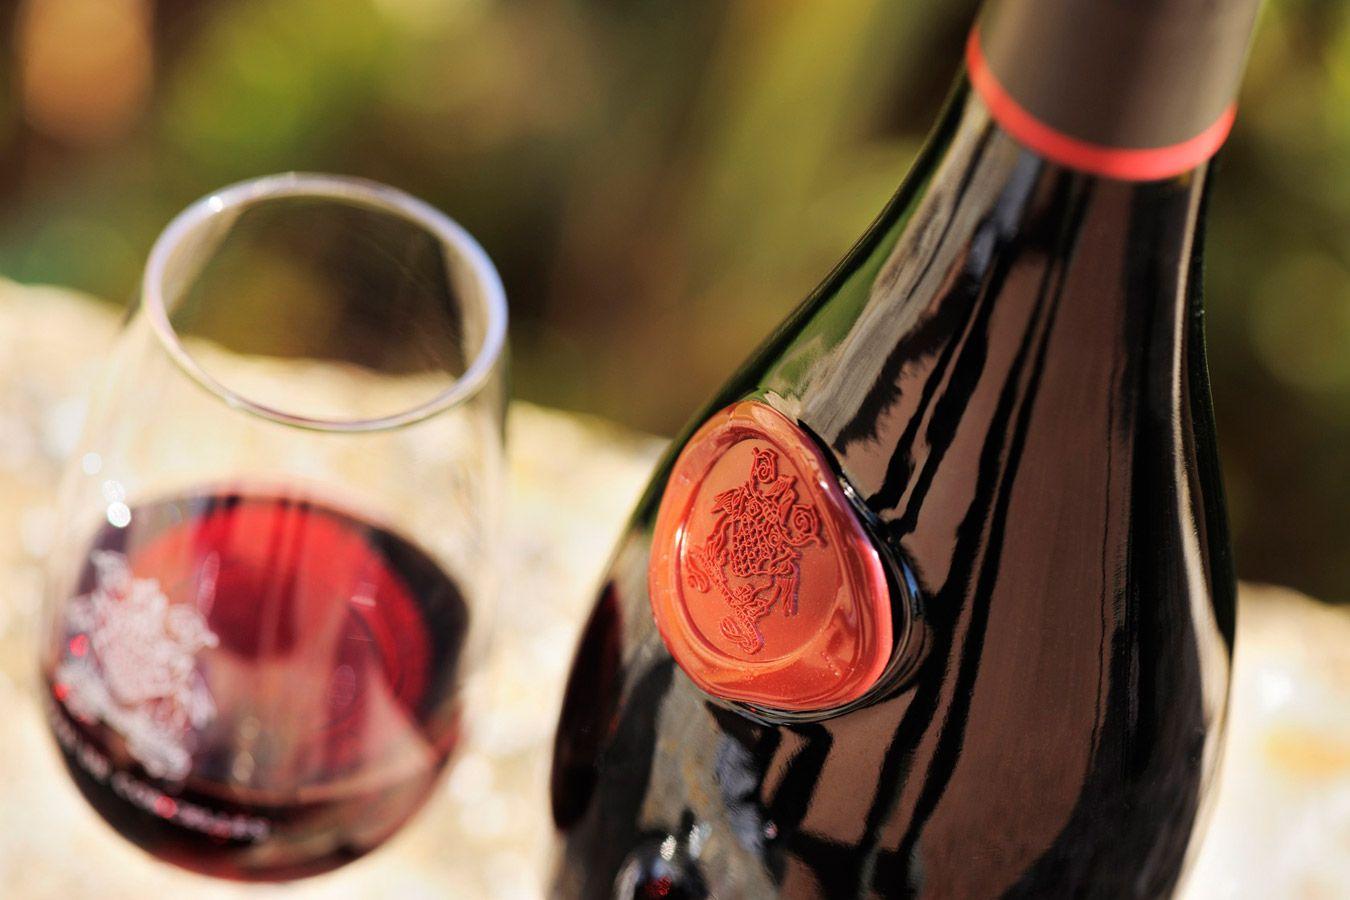 Le Chateau De Corcelles Propose Un Vin Rouge Et Brillant A La Saveur Fruitee Et Aux Bons Aromes Du Terroir Beaujolais Des Parfums De Bo Vin Rouge Vin Rose Vin